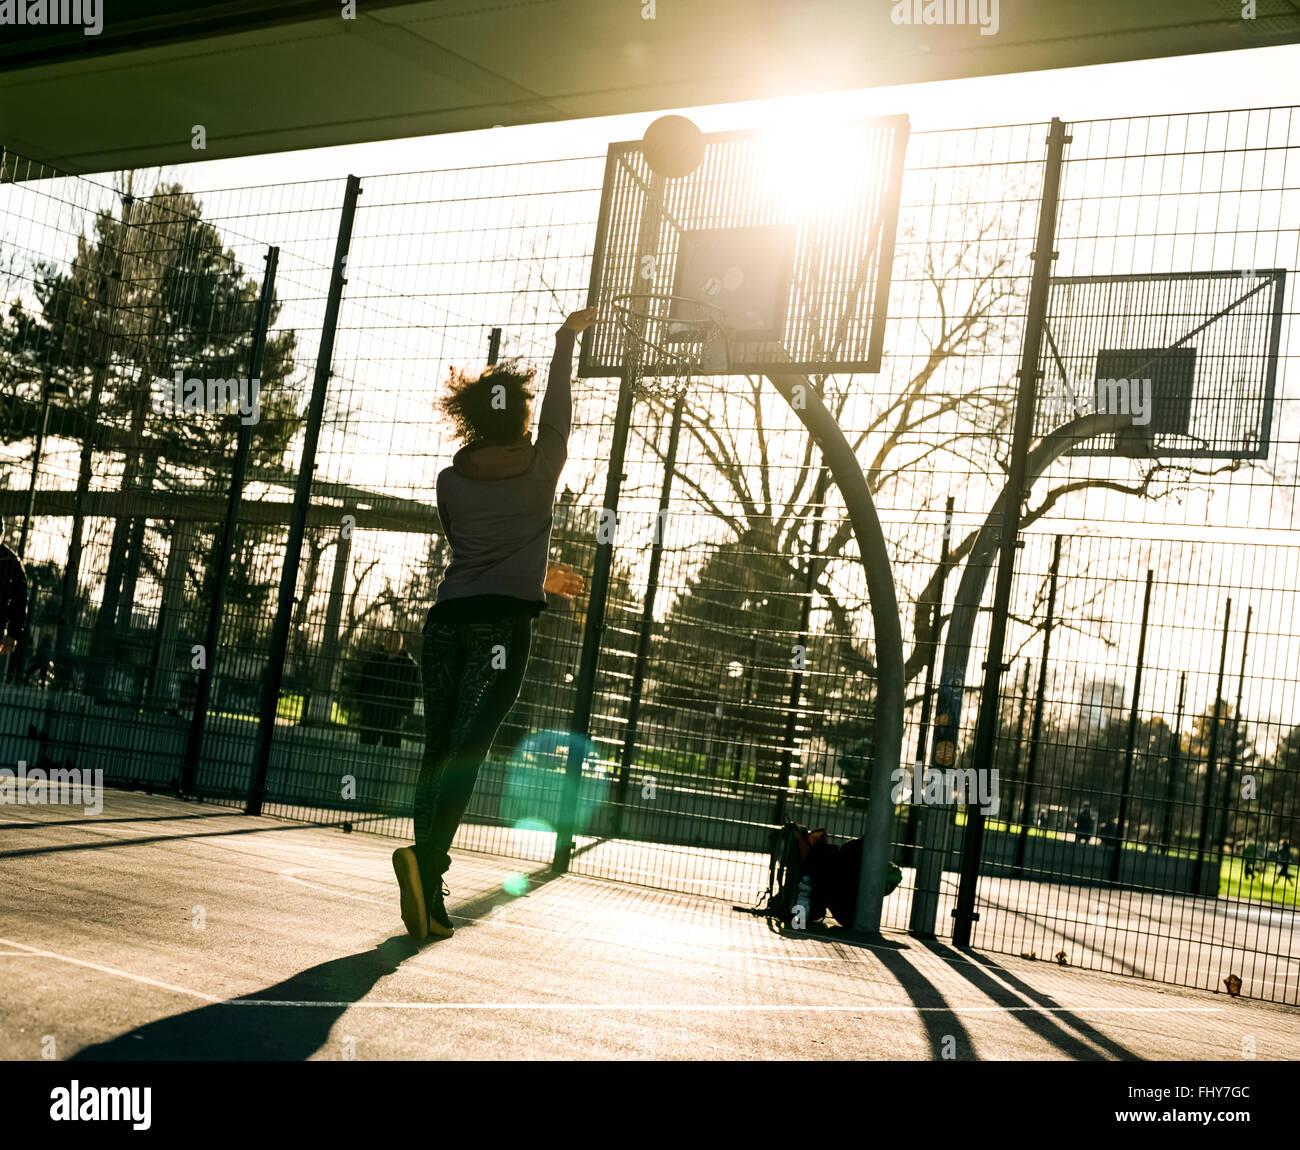 Vista posterior del joven lanzando el baloncesto en un campo de juego Imagen De Stock